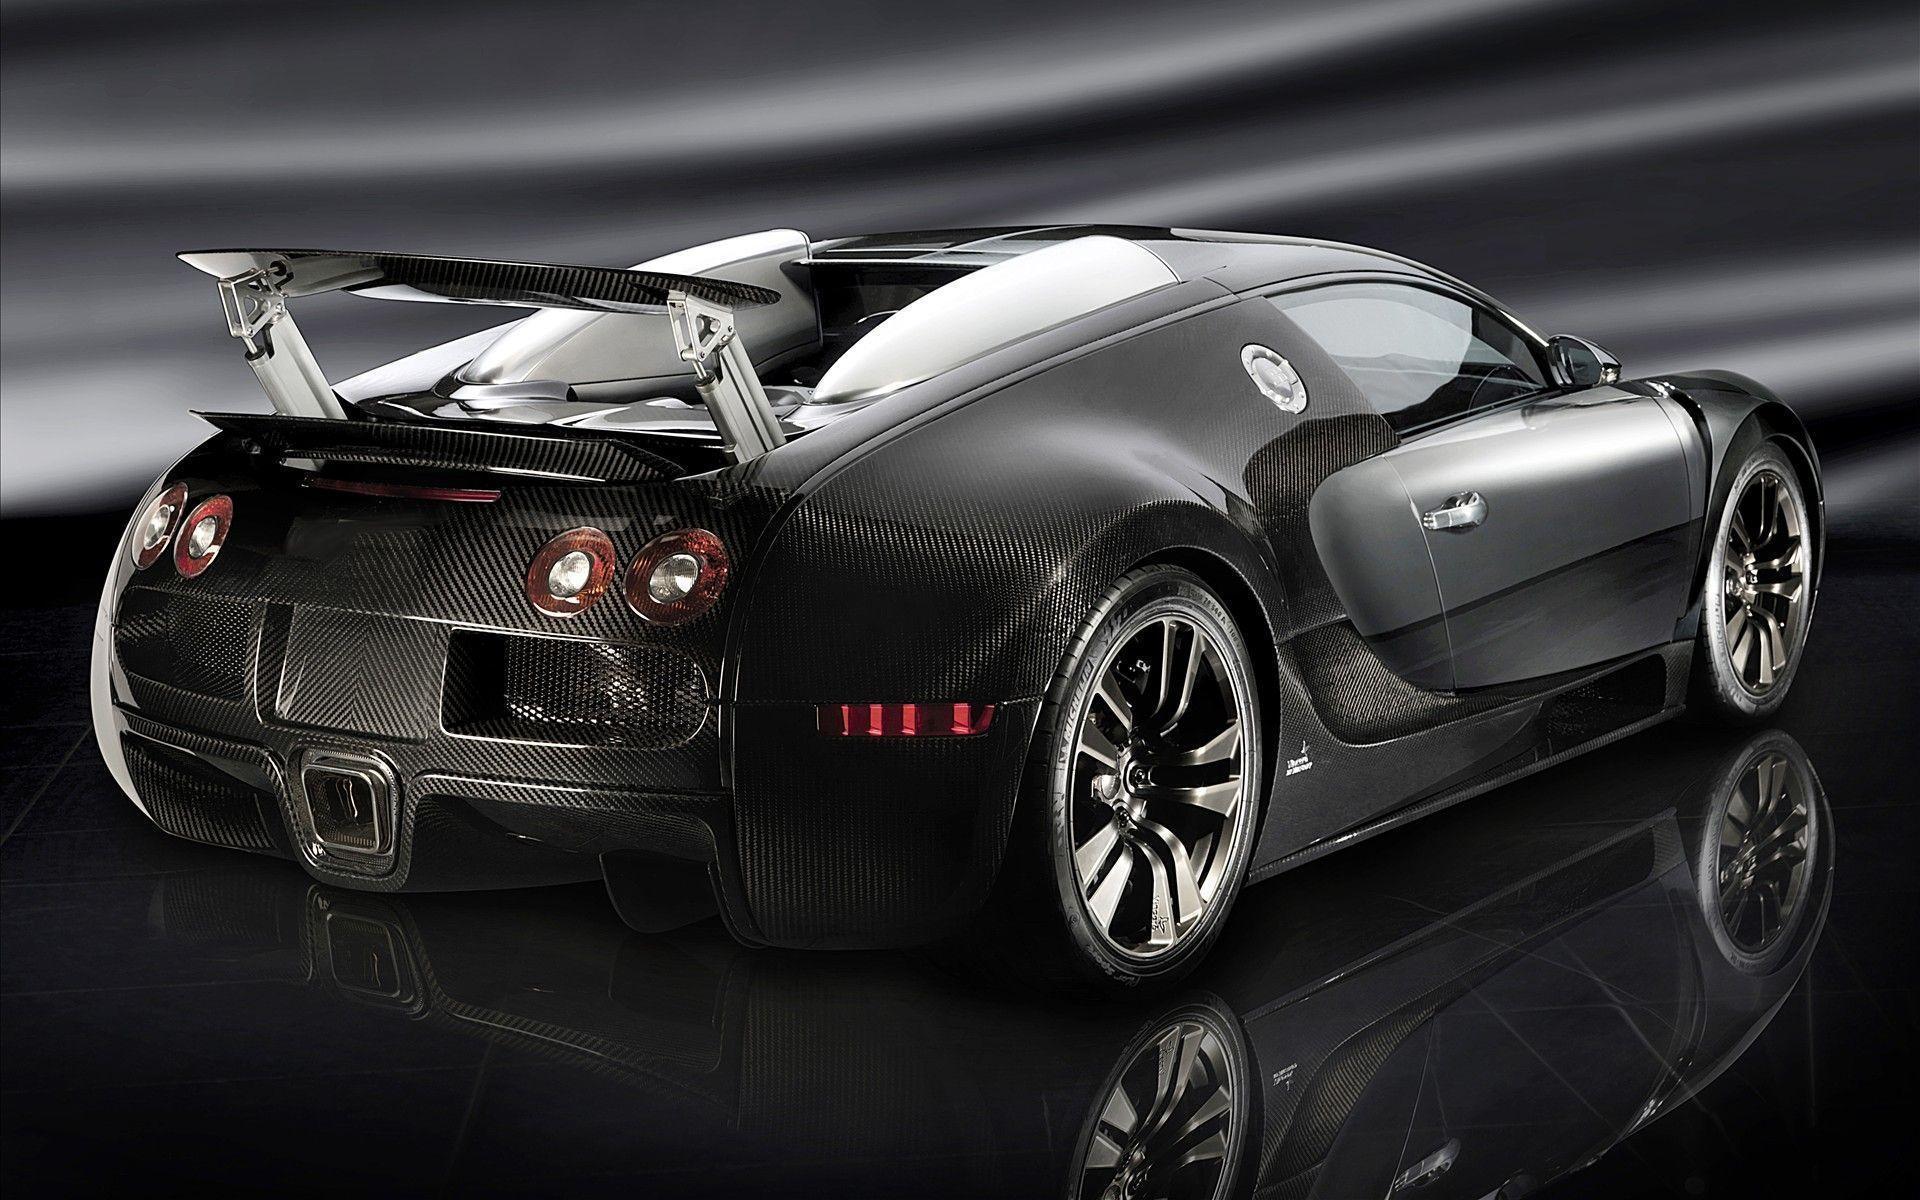 Black Bugatti Veyron Hd Wallpapers Top Free Black Bugatti Veyron